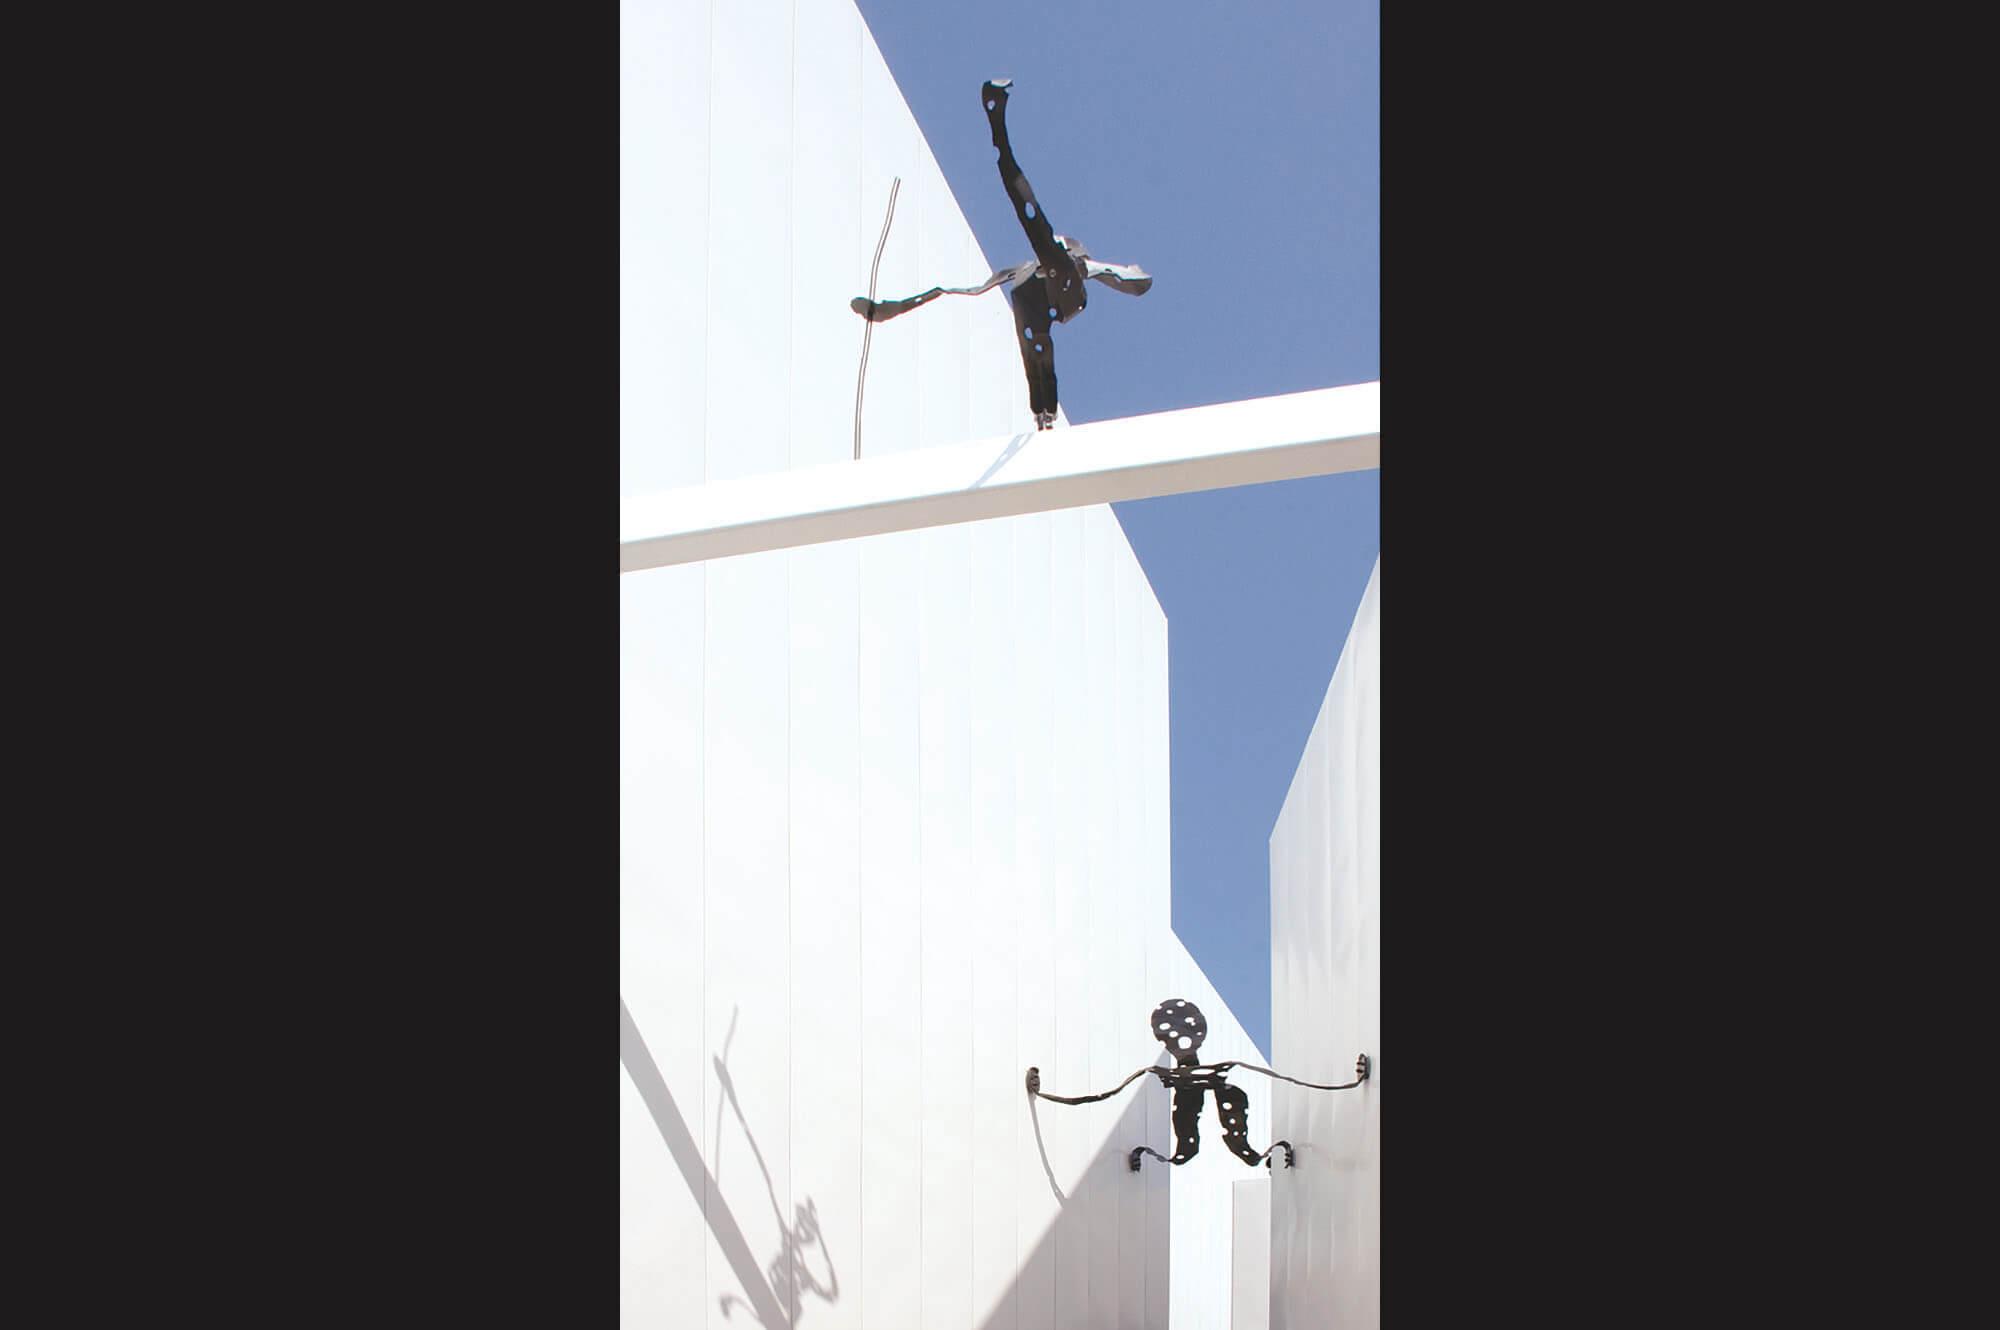 森北伸 Flying Man and Hunter 現代美術 Contemporary Art